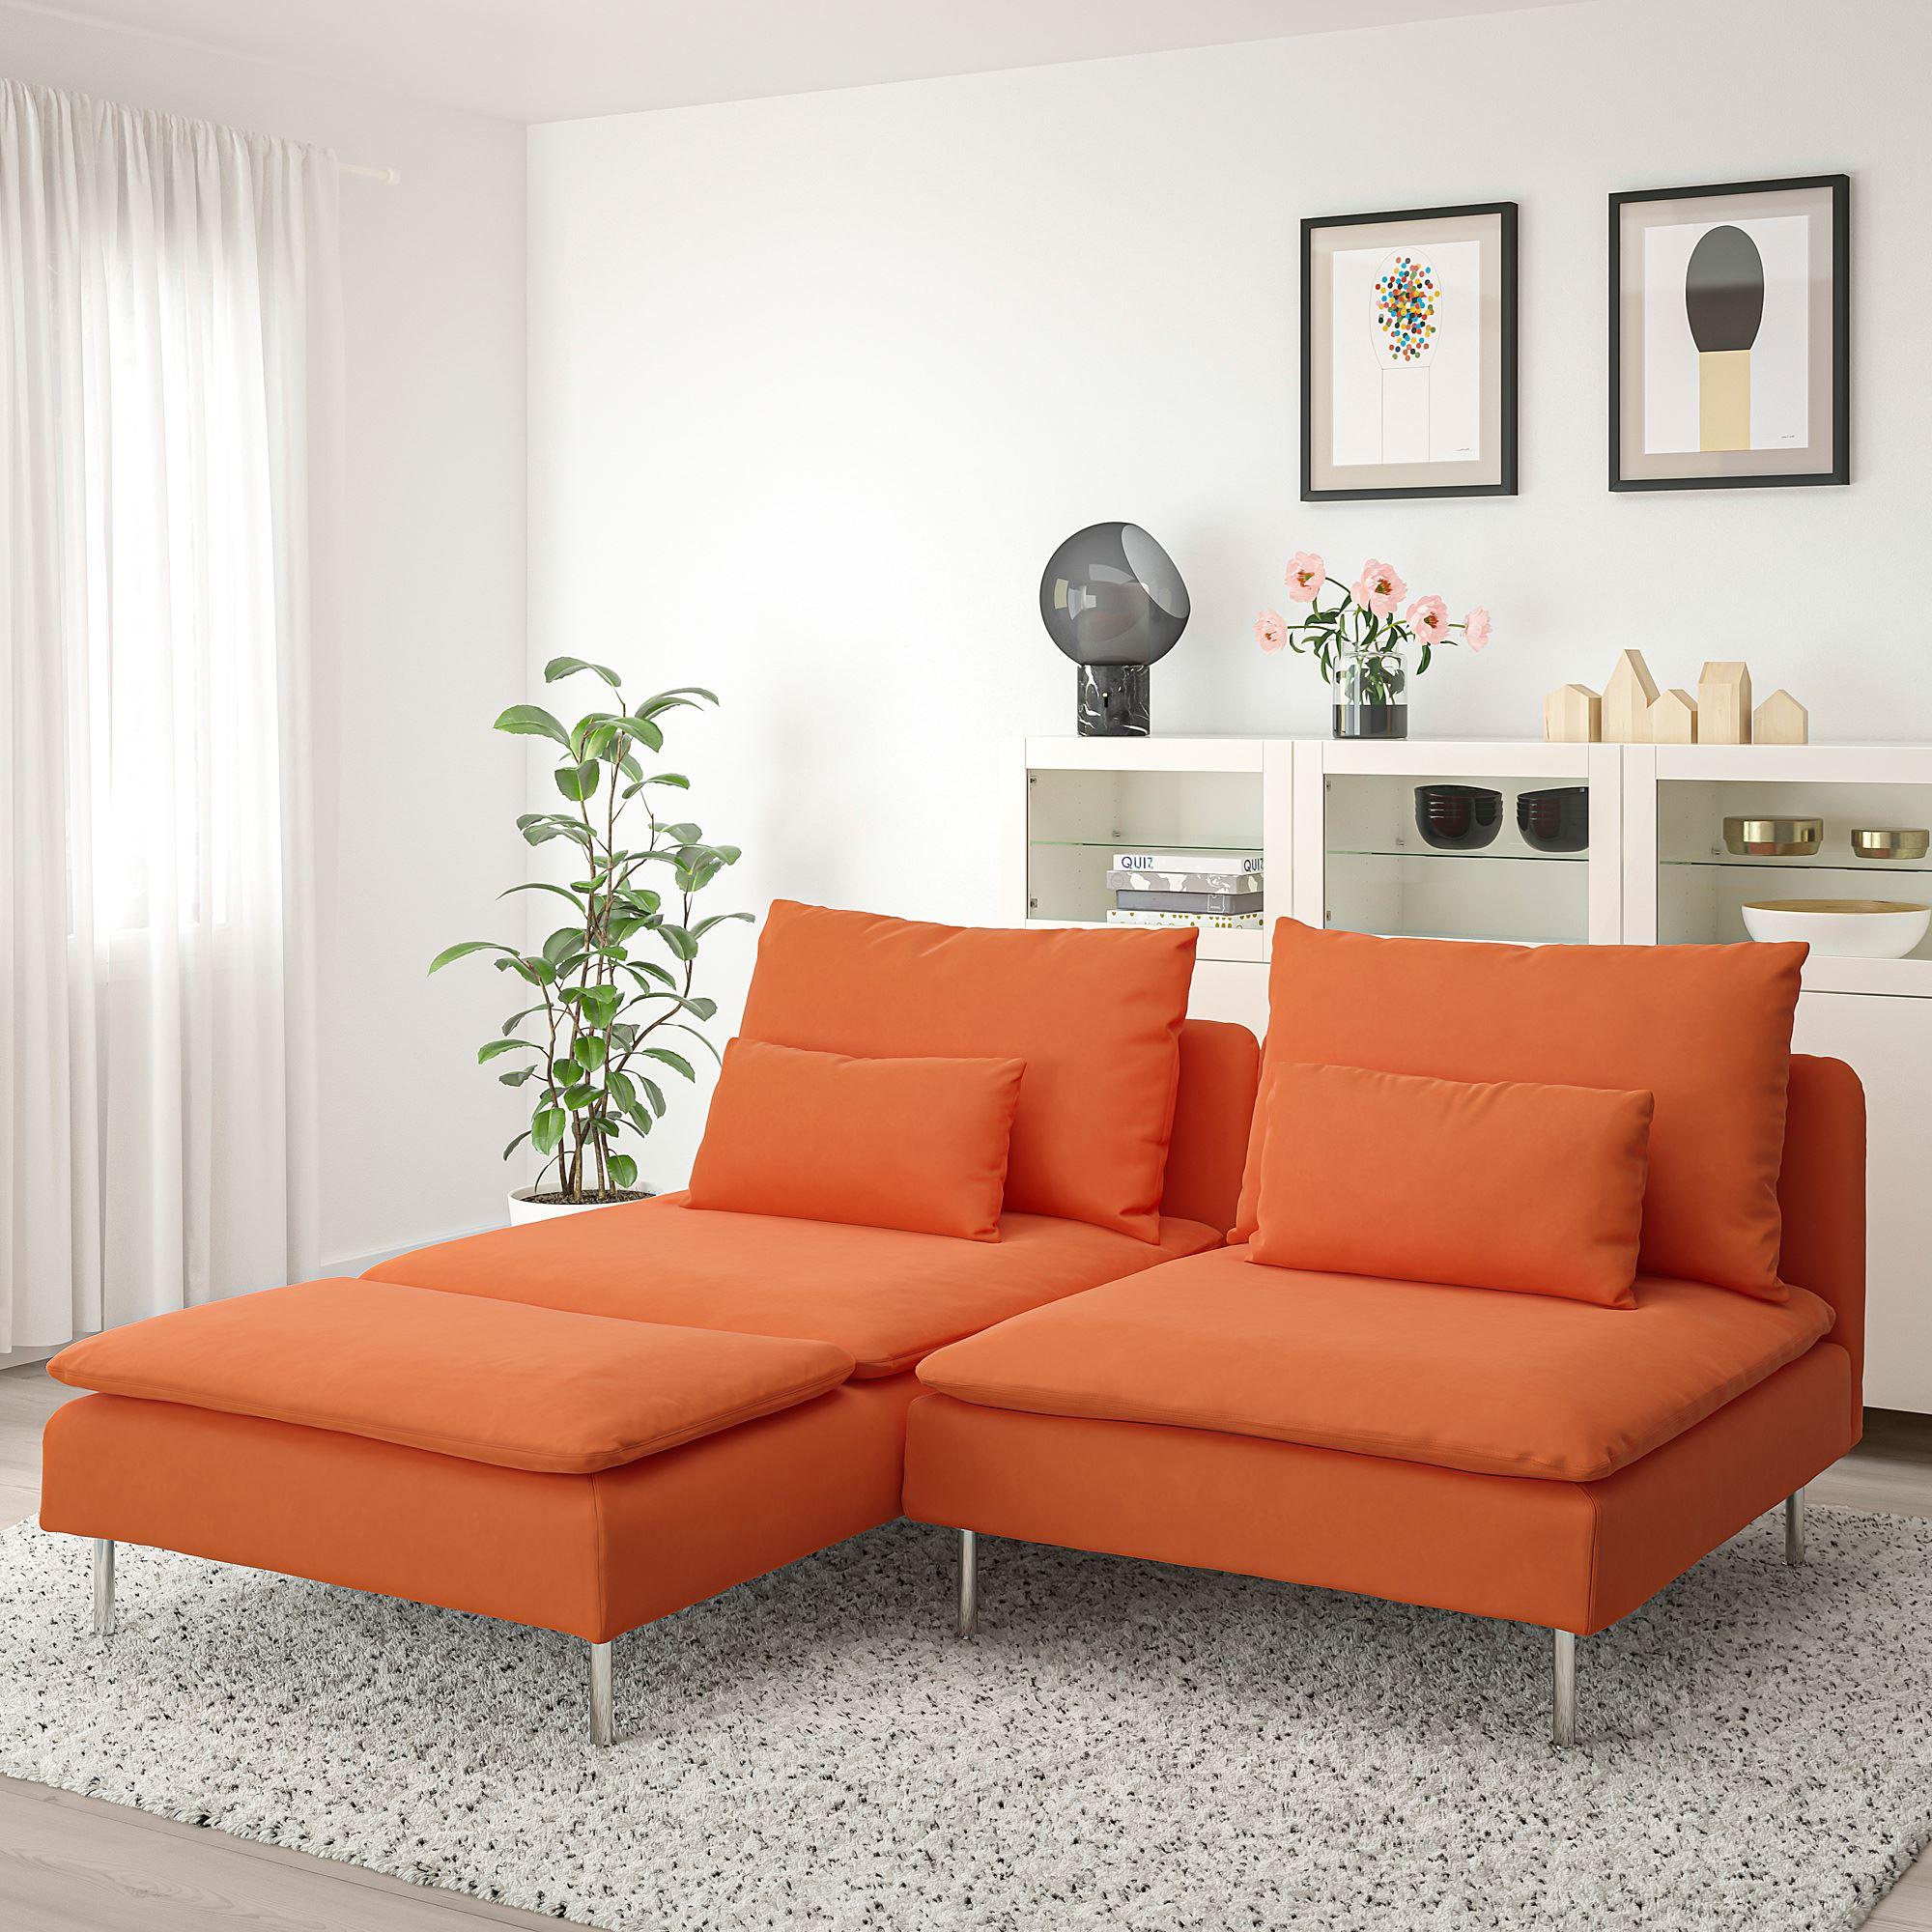 SÖDERHAMN 2'li kanepe ve uzanma koltuğu samsta turuncu ...